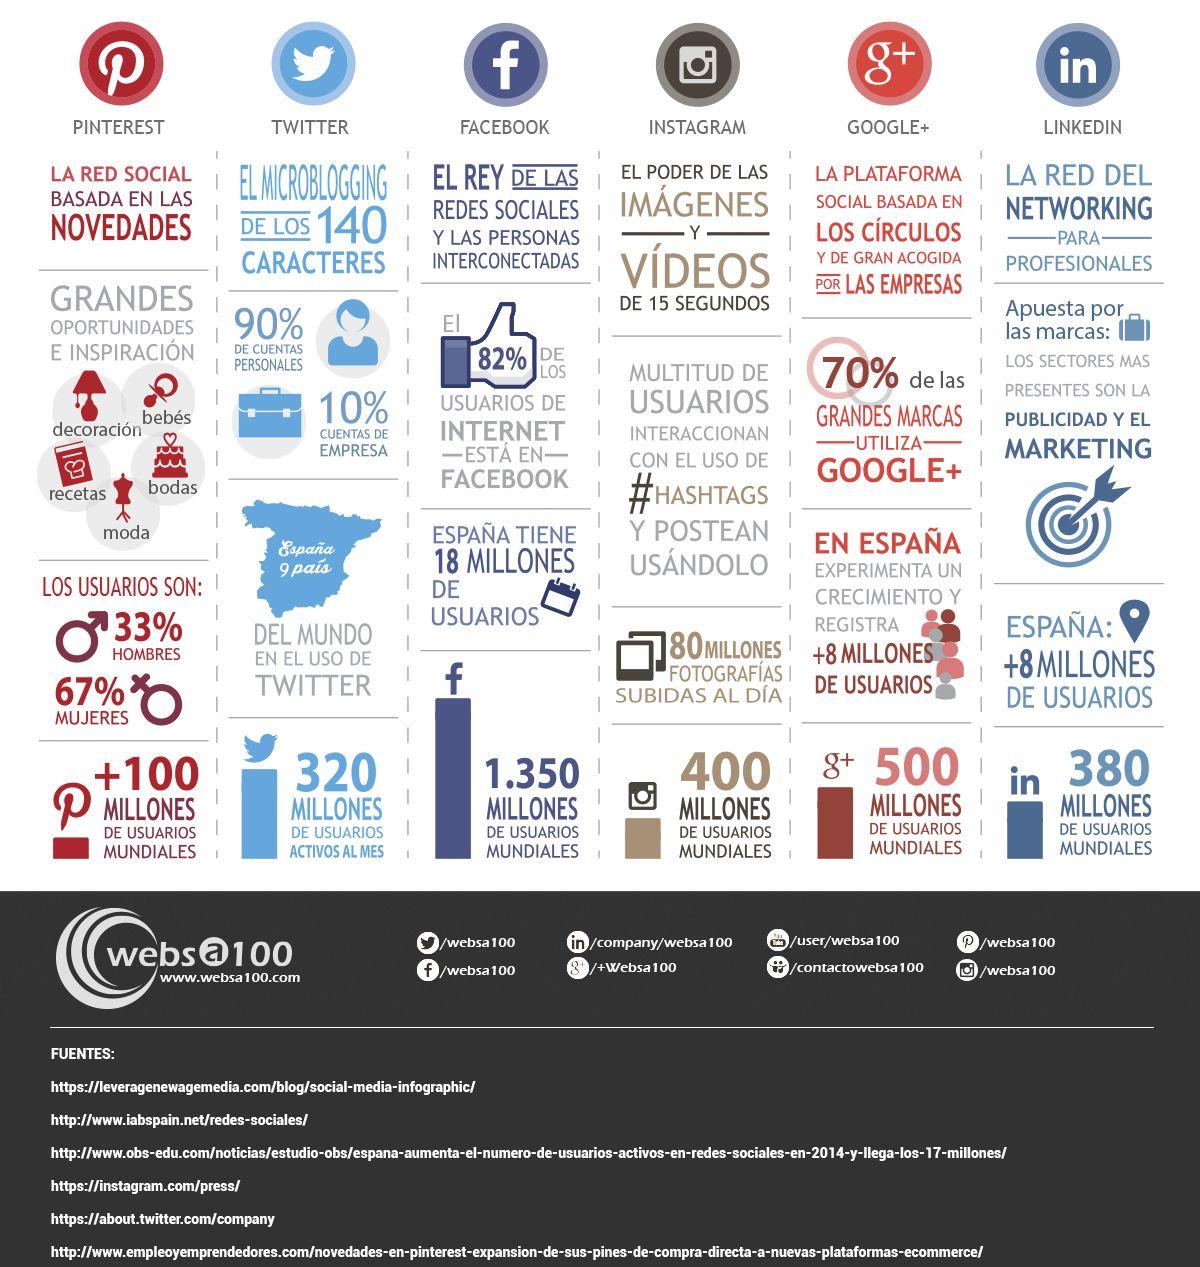 Infografía con la lista de redes sociales más populares